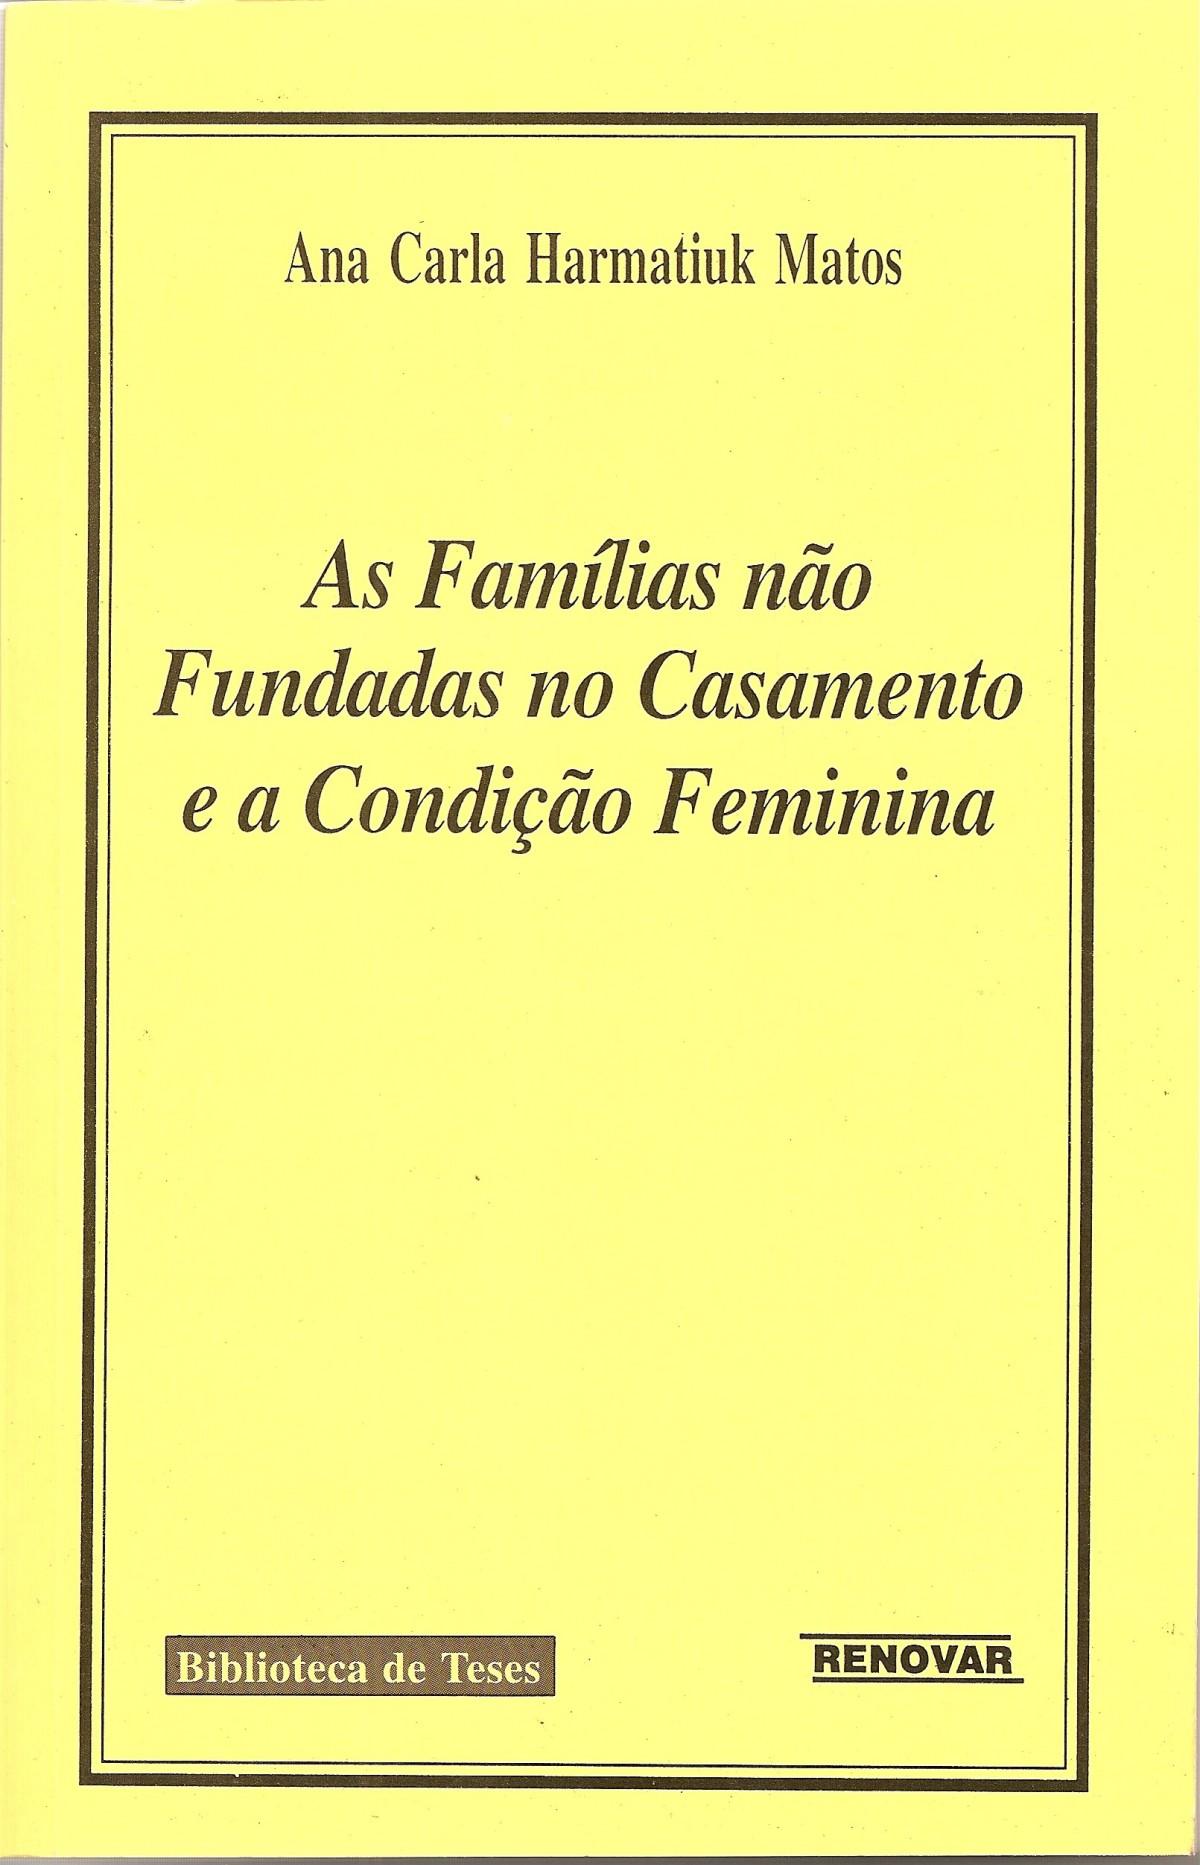 Foto 1 - As Famílias não Fundadas no Casamento e a Condição Feminina